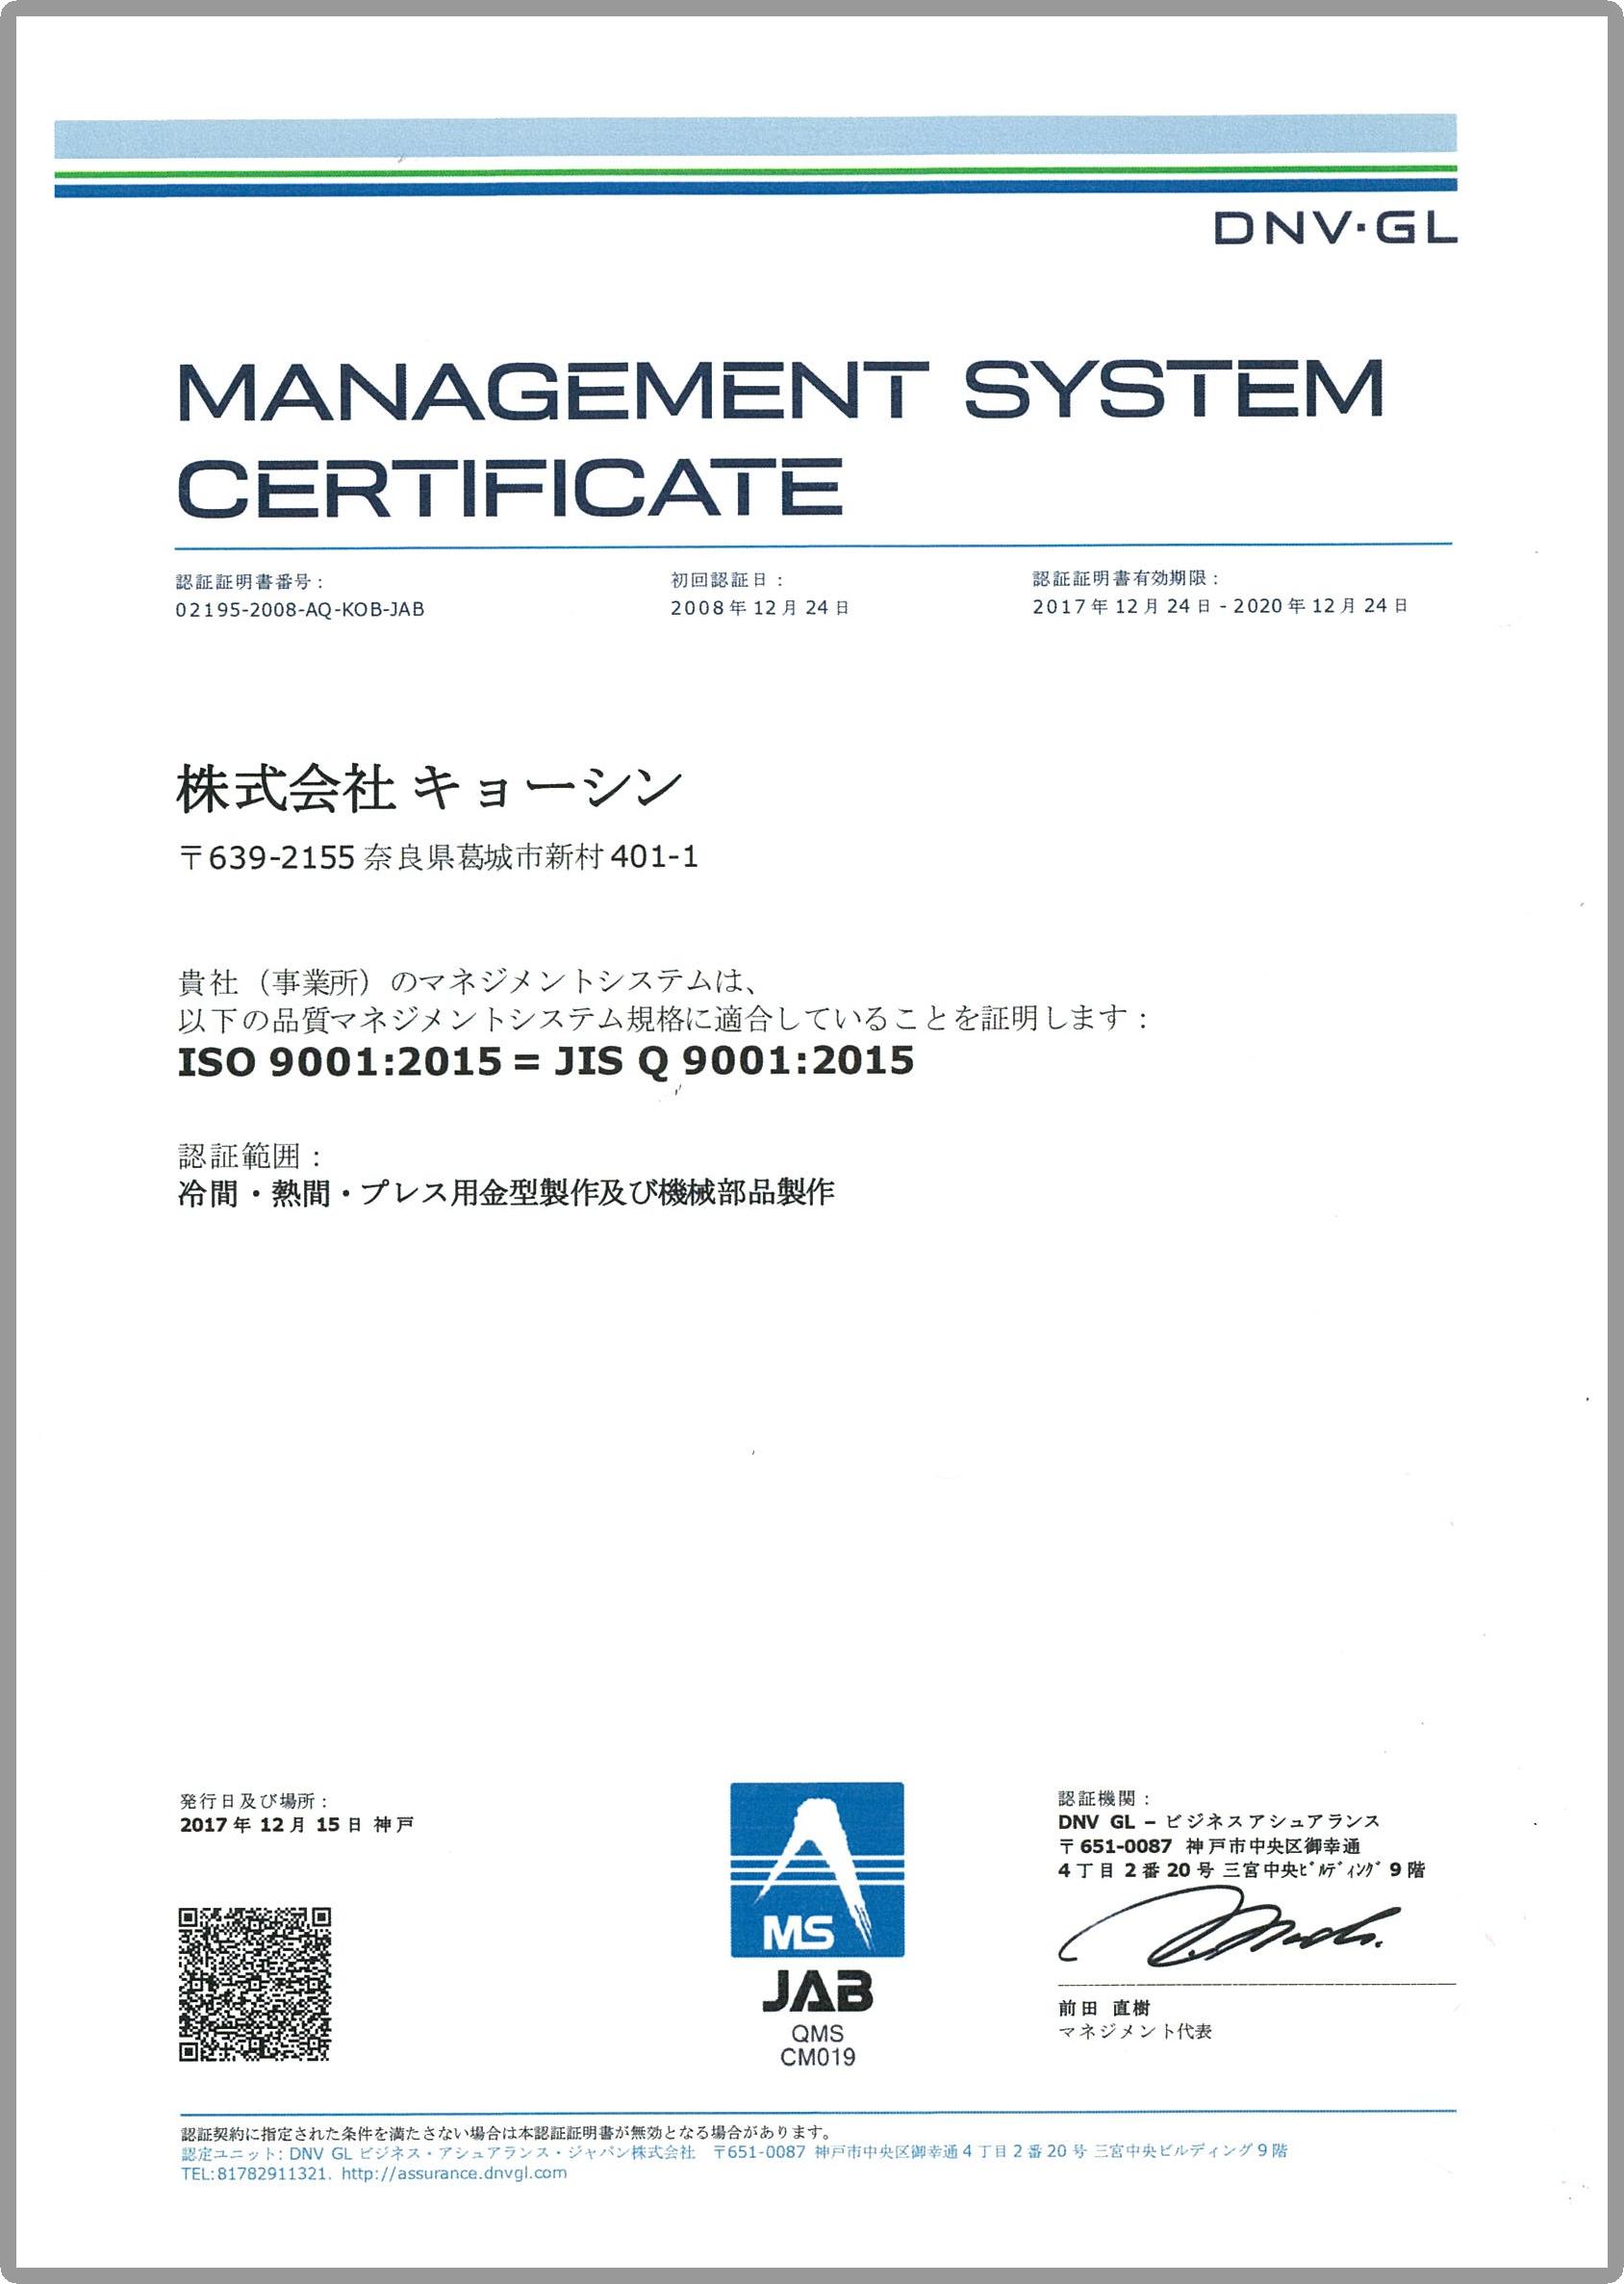 株式会社キョーシン マネジメントシステム認証証明書 ISO 9001:2015(国際認証規格)